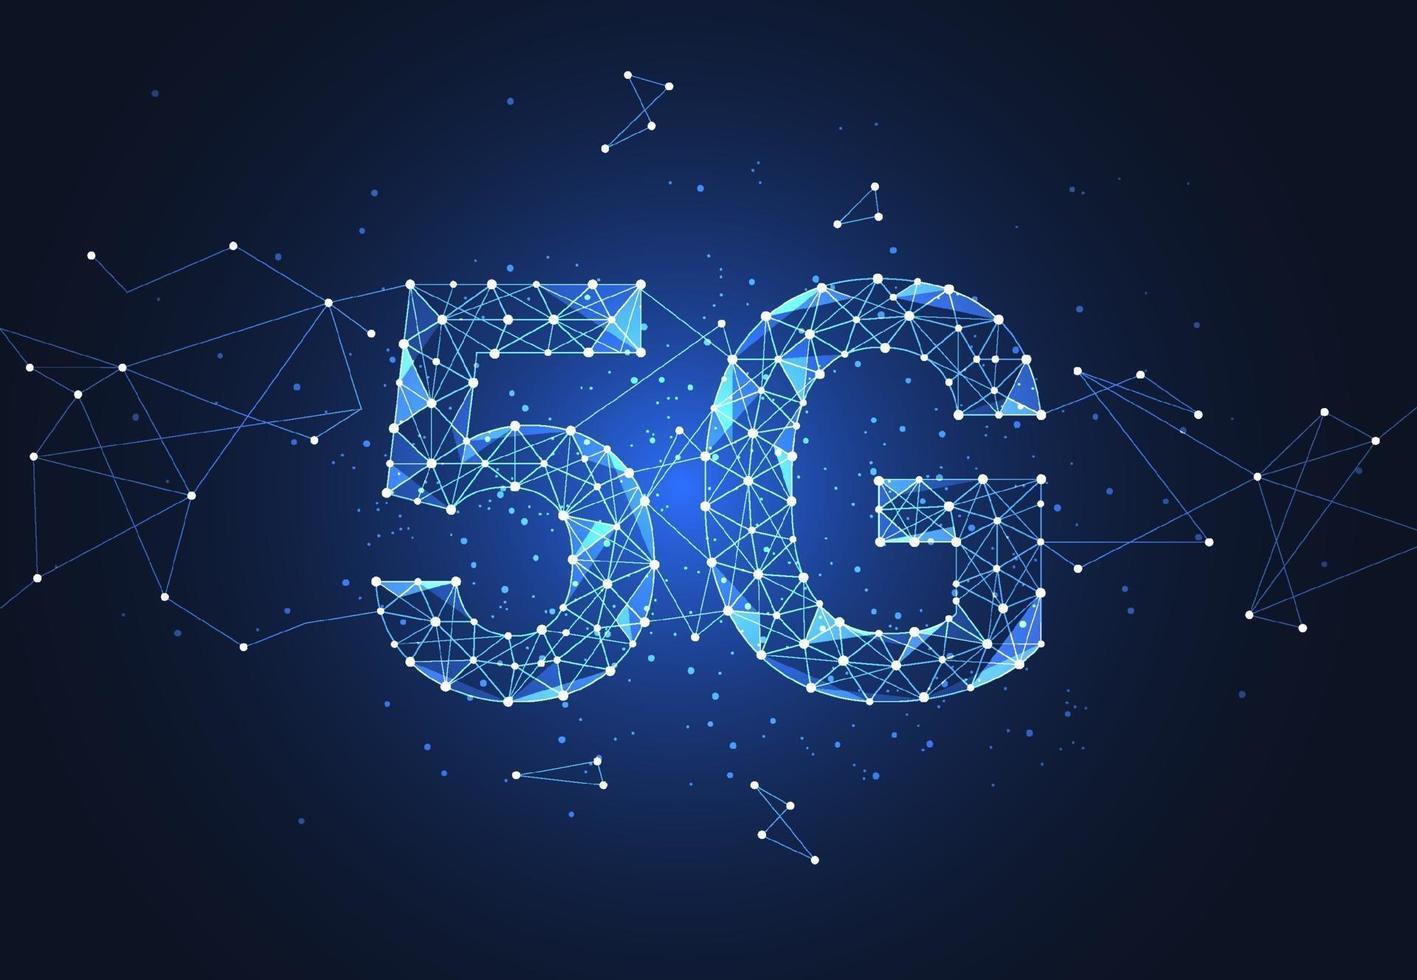 5g wereldwijde netwerkverbinding. polygoon verbindt punt en lijn in de vorm van een netwerkbedrijf. vector illustratie